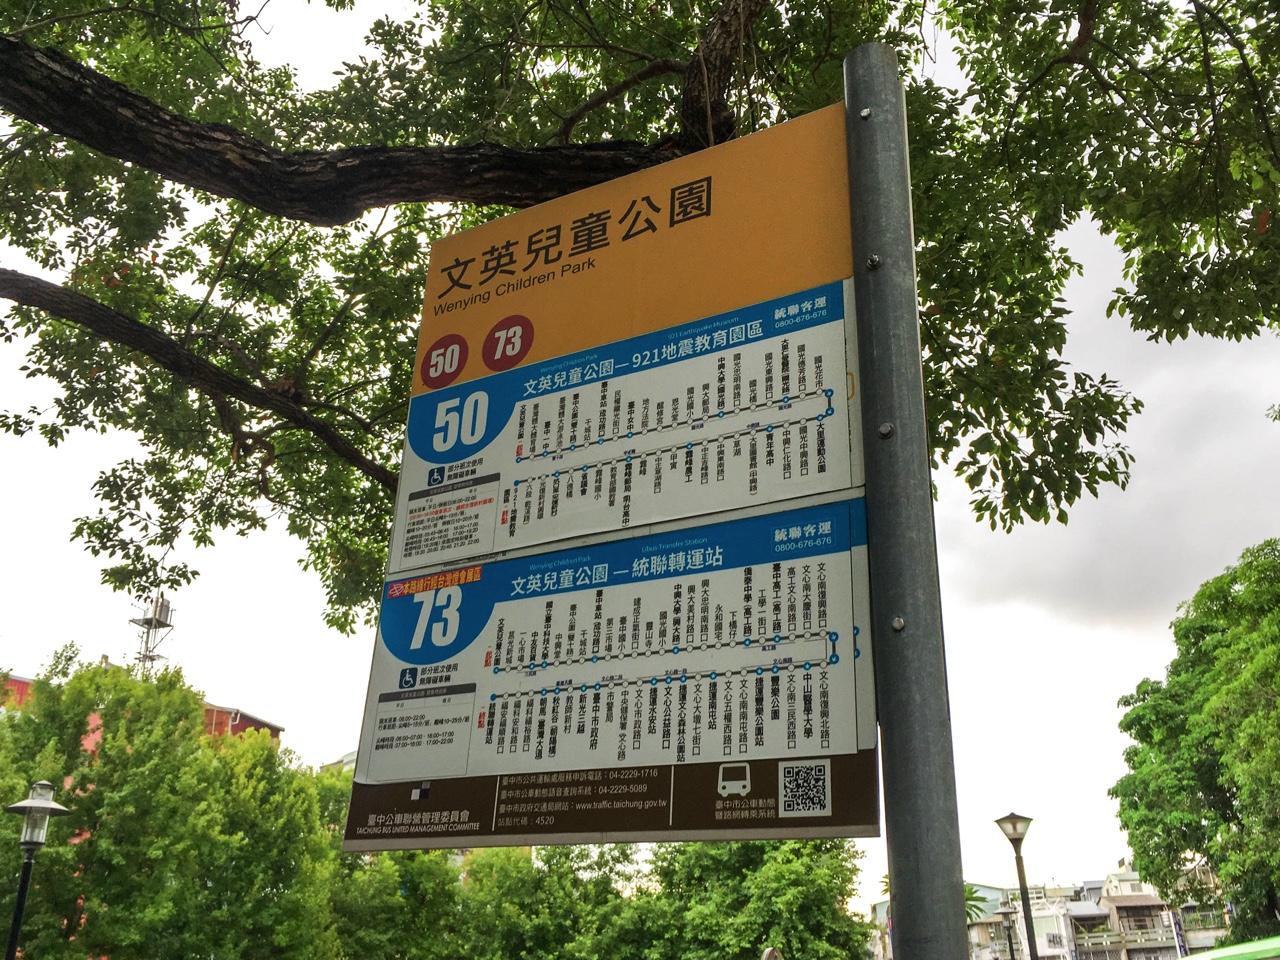 バス停「文英児童公園」